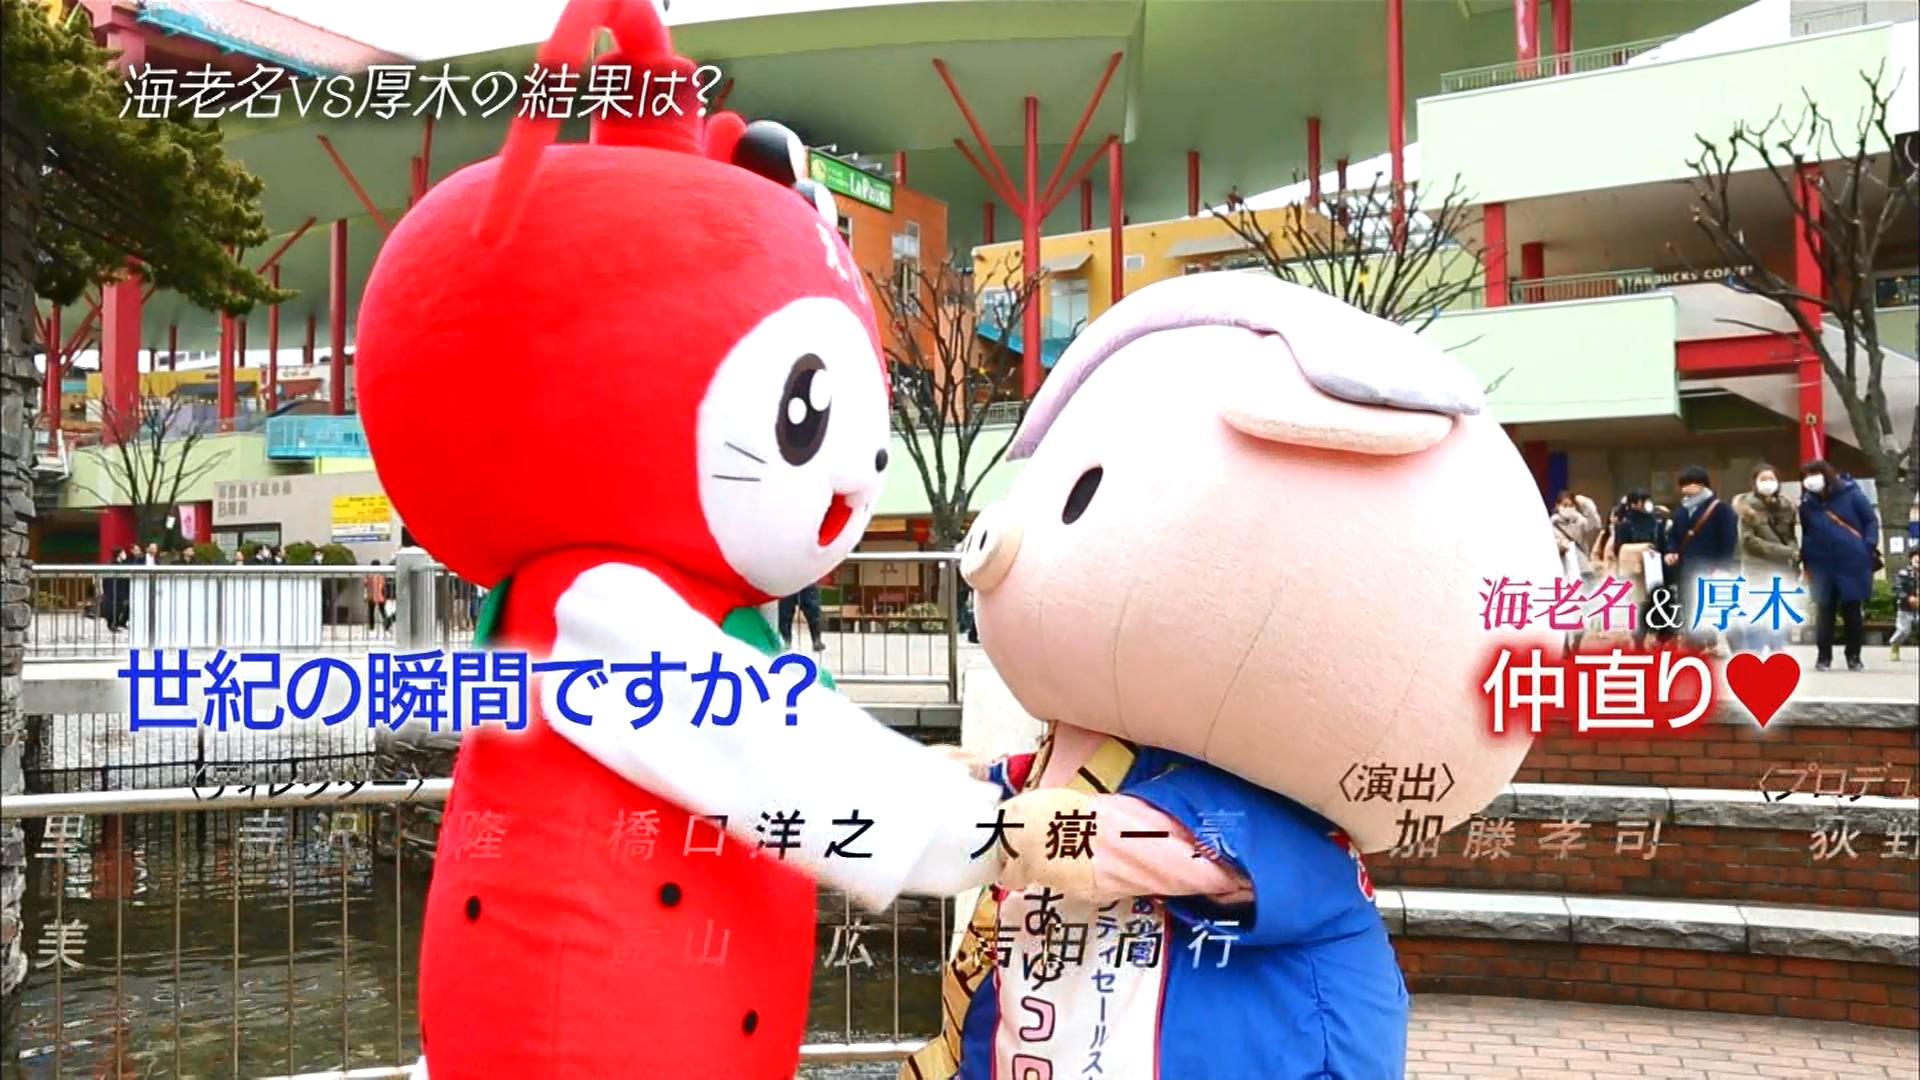 2016.03.13 全場(おしゃれイズム).ts_20160314_013408.369